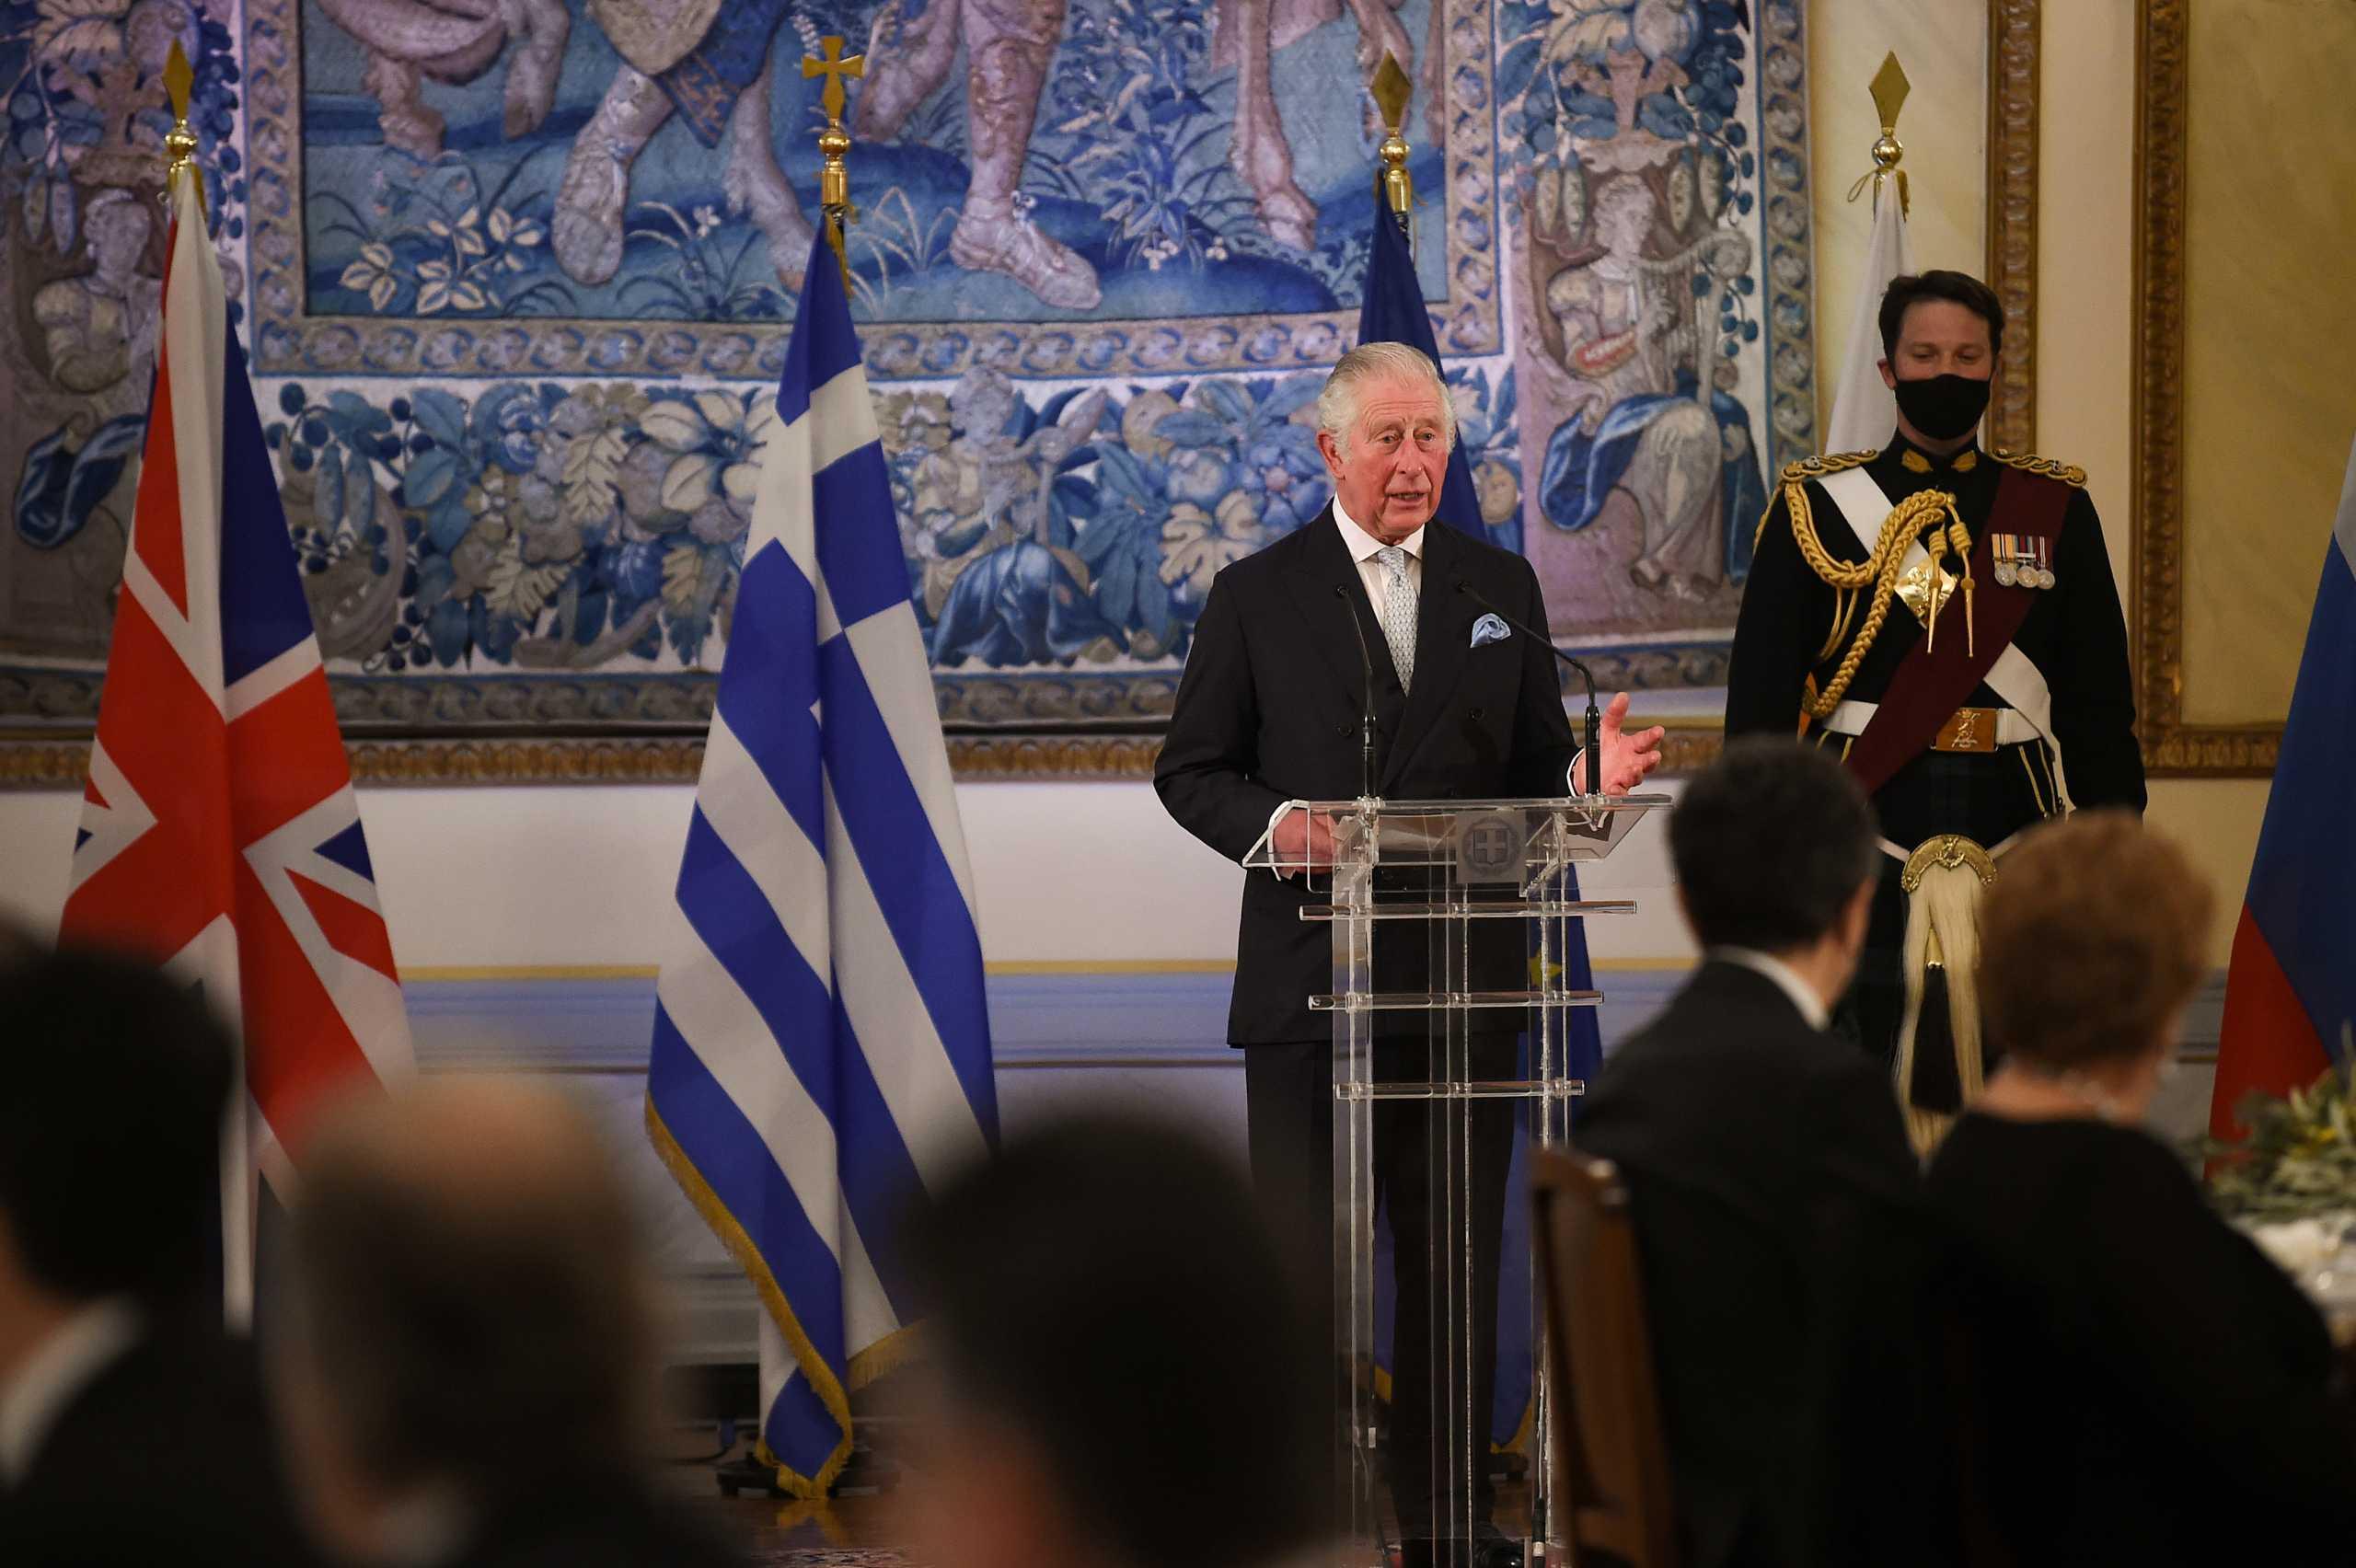 Φωτιές – Πρίγκιπας Κάρολος: Ενισχύει οικονομικά τους πυρόπληκτους της Ελλάδας